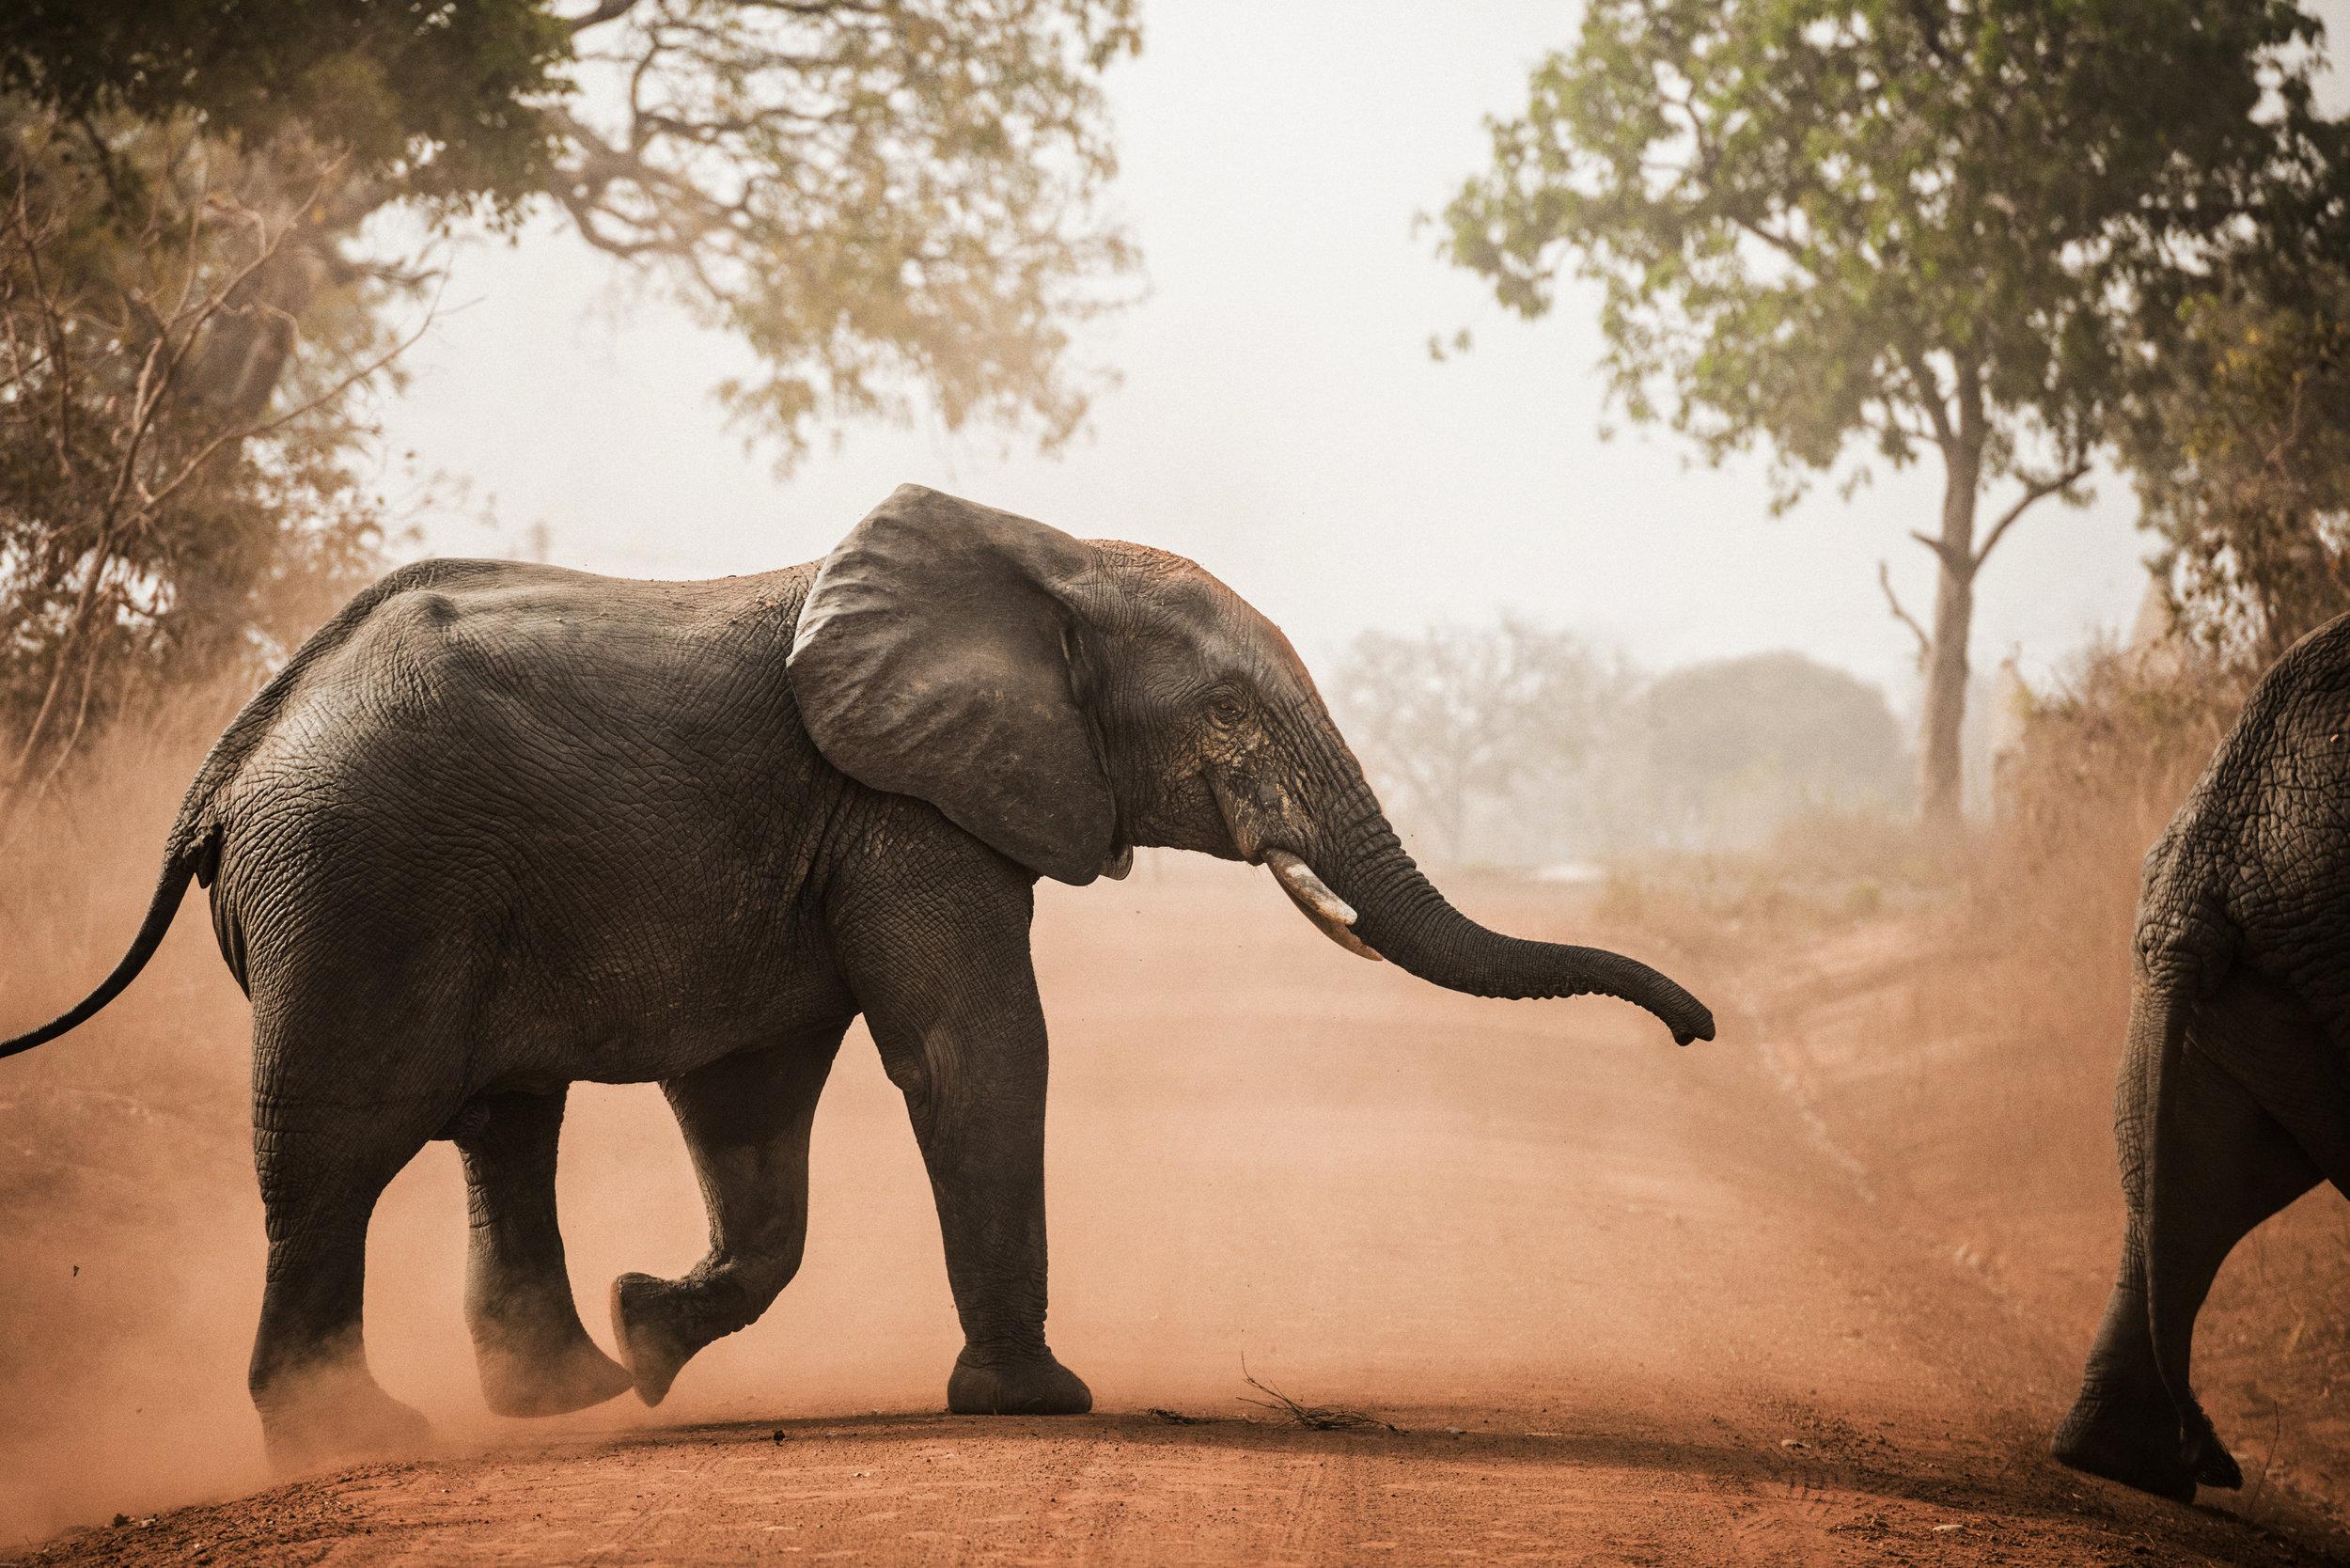 Ghana_African_Humanitarian_Photographer_TaraShupe_Safari_014.jpg